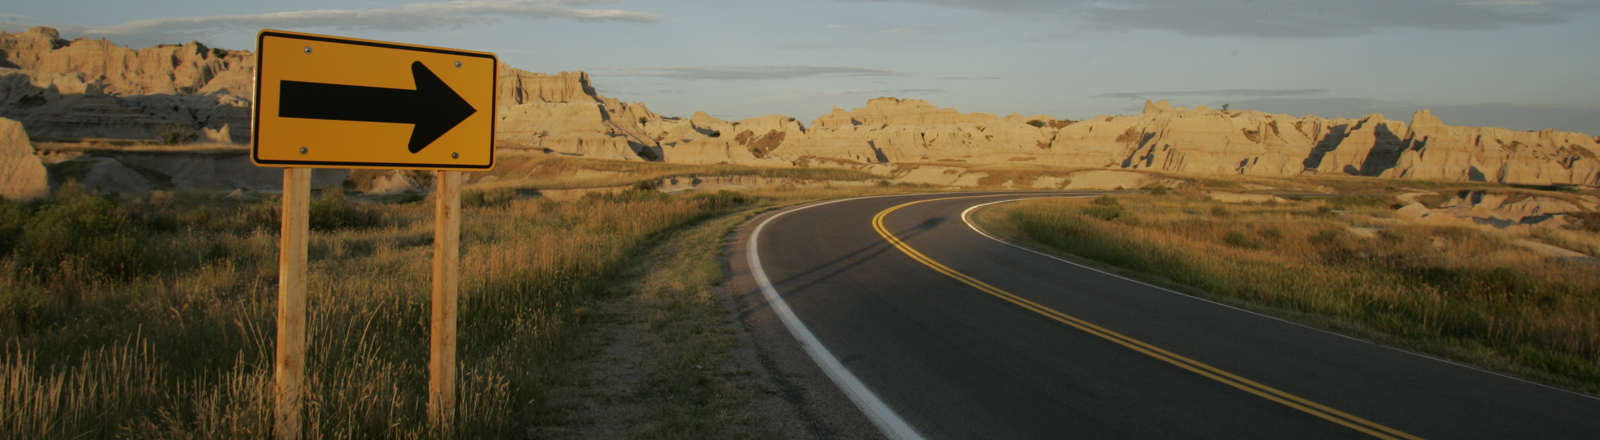 Eine einsame Straße führt durch die Badlands in South Dakota.